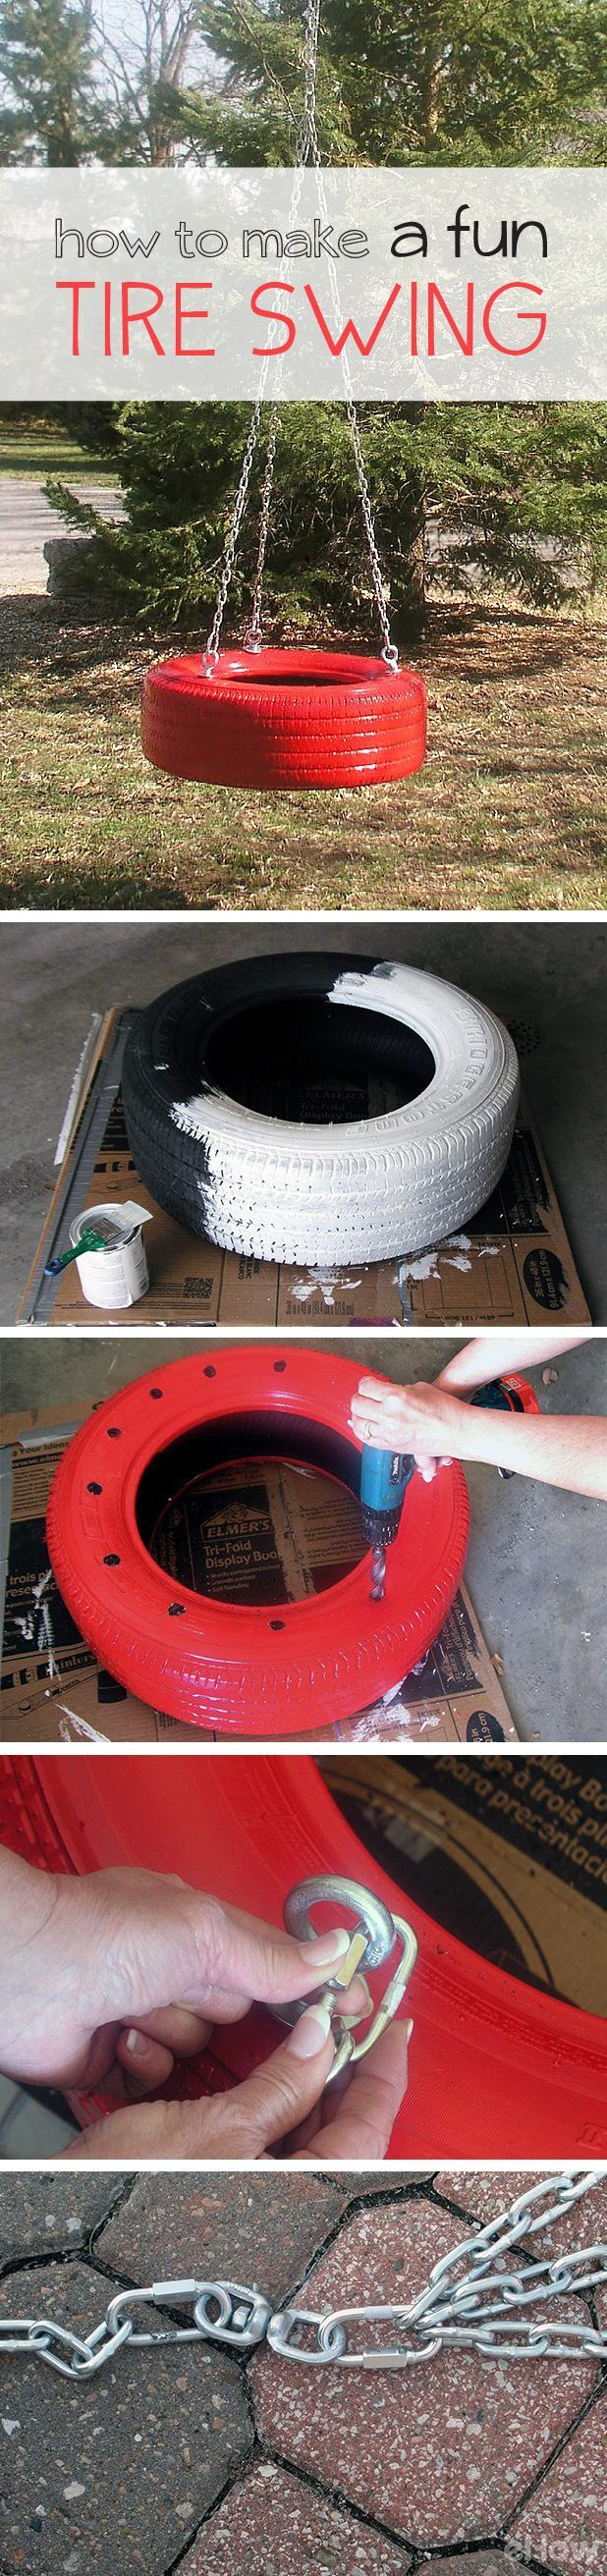 DIY su propio oscilación del neumático pasada de moda . Esta versión del clásico…